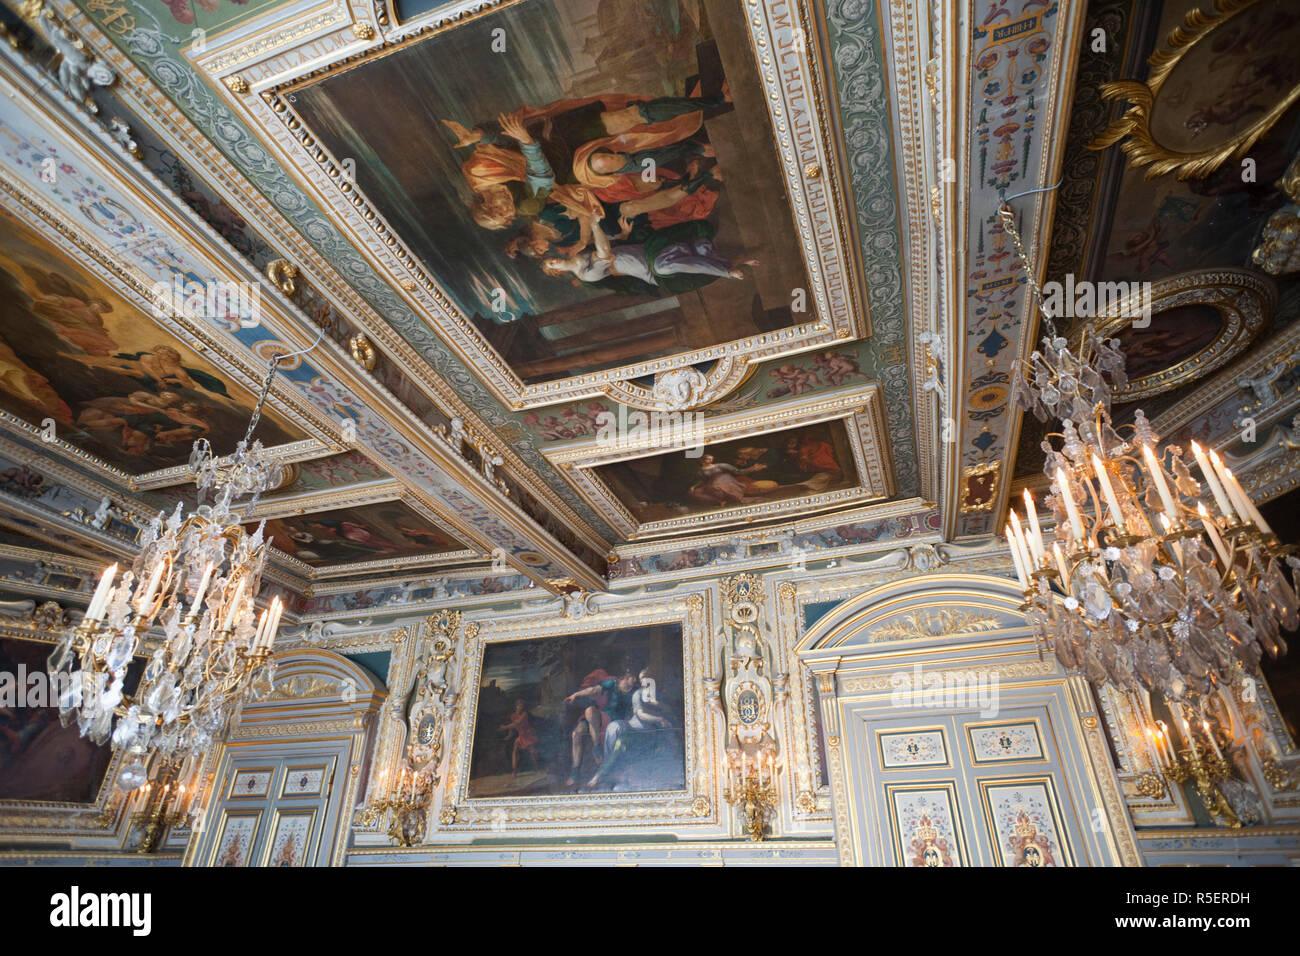 France, Ile-de-France, Fontainebleau, Chateau de Fontainebleau, The State Apartments - Stock Image